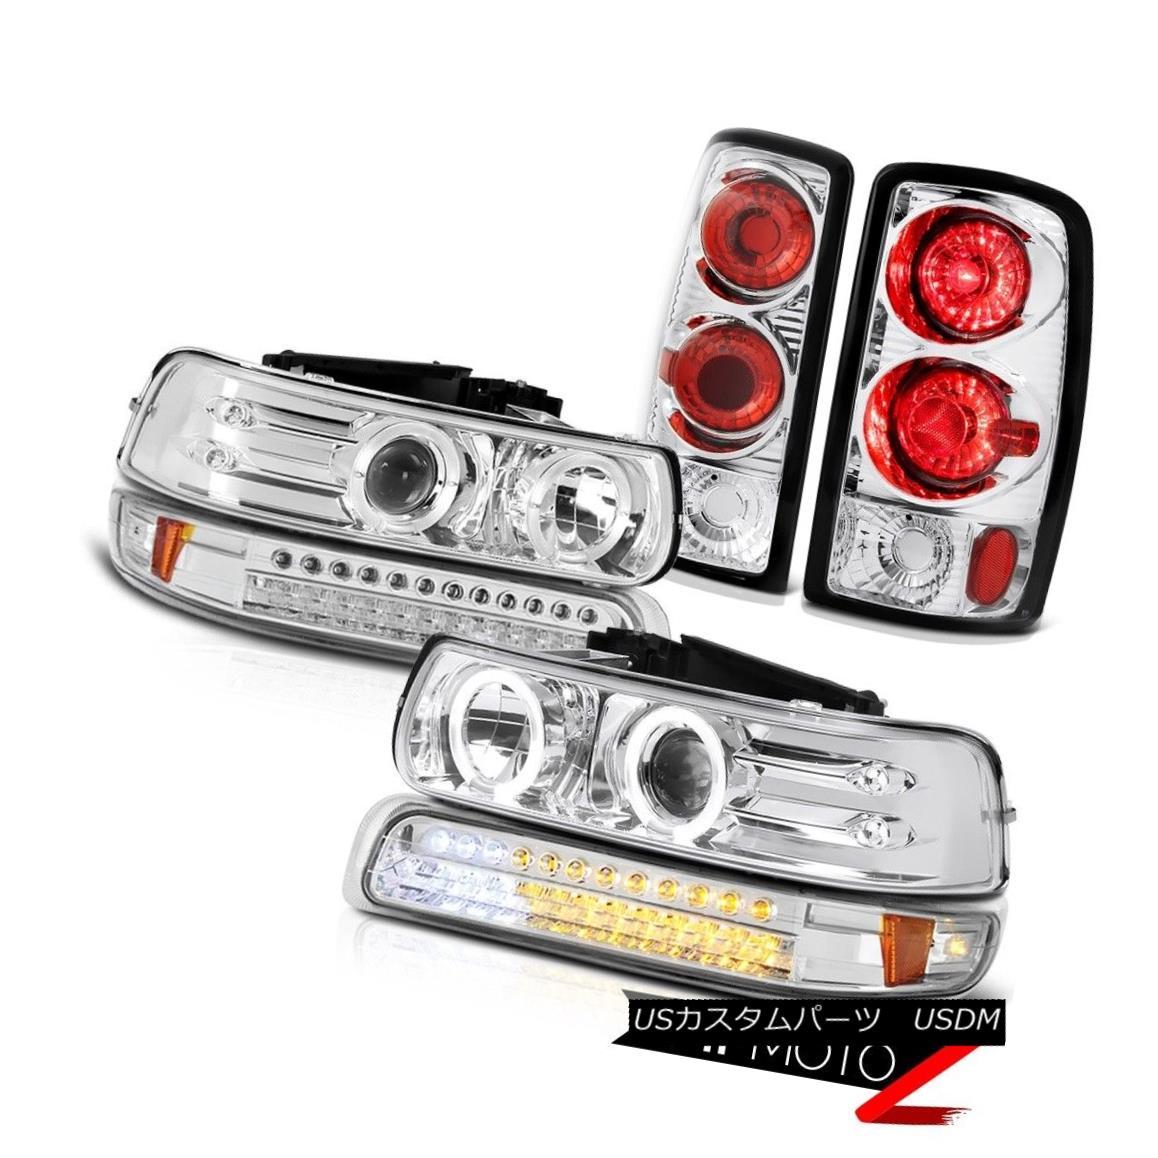 テールライト Projector Headlights SMD Euro Bumper Altezza Tail Lights 2000-2006 Suburban LT プロジェクターヘッドライトSMDユーロバンパーAltezzaテールライト2000-2006郊外LT